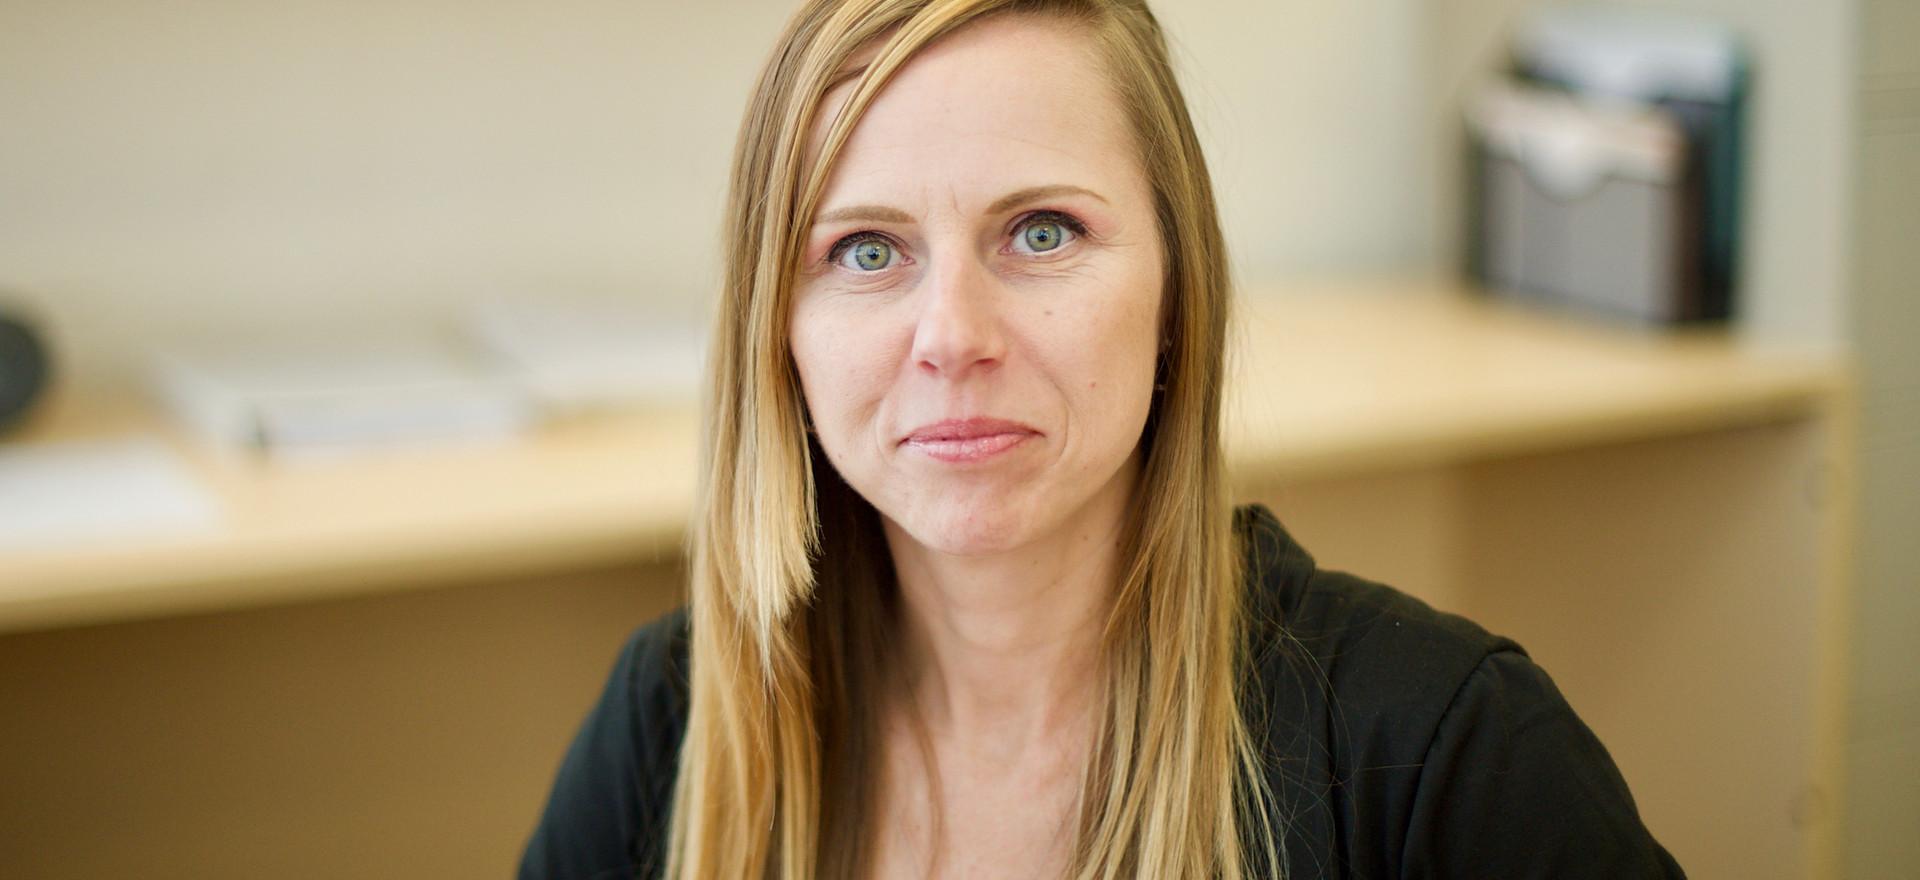 Emilia Zych